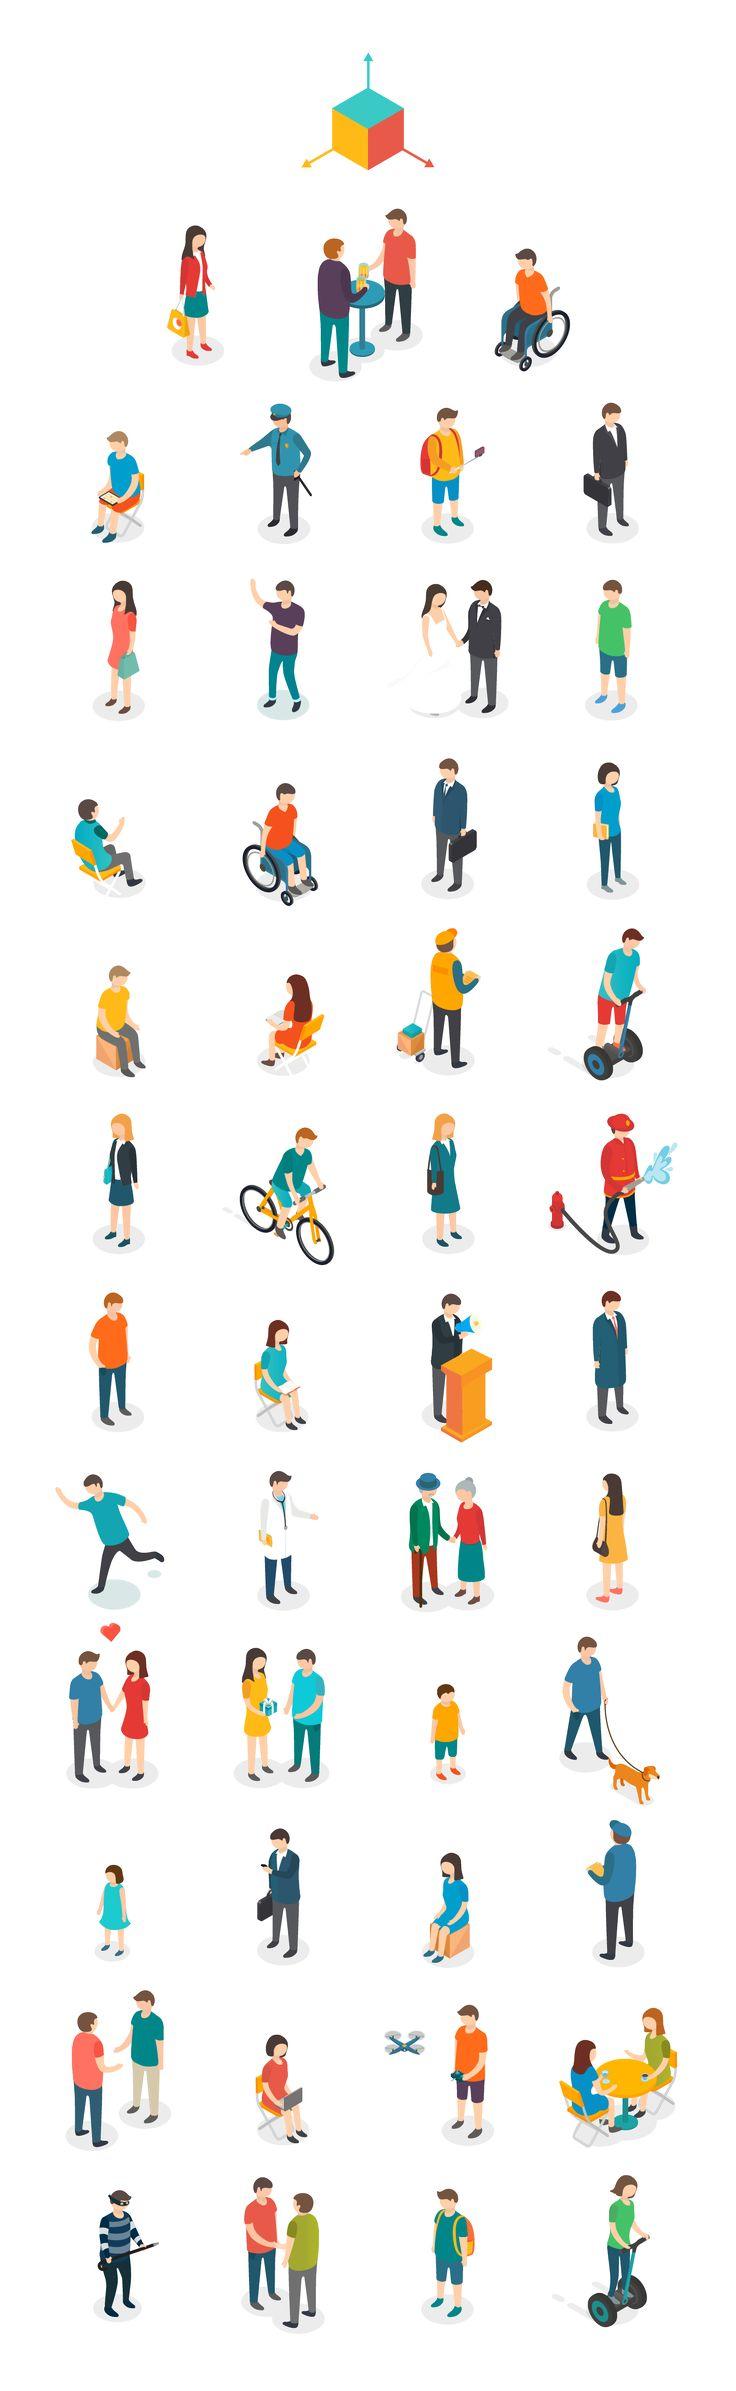 Isometric People on Behance